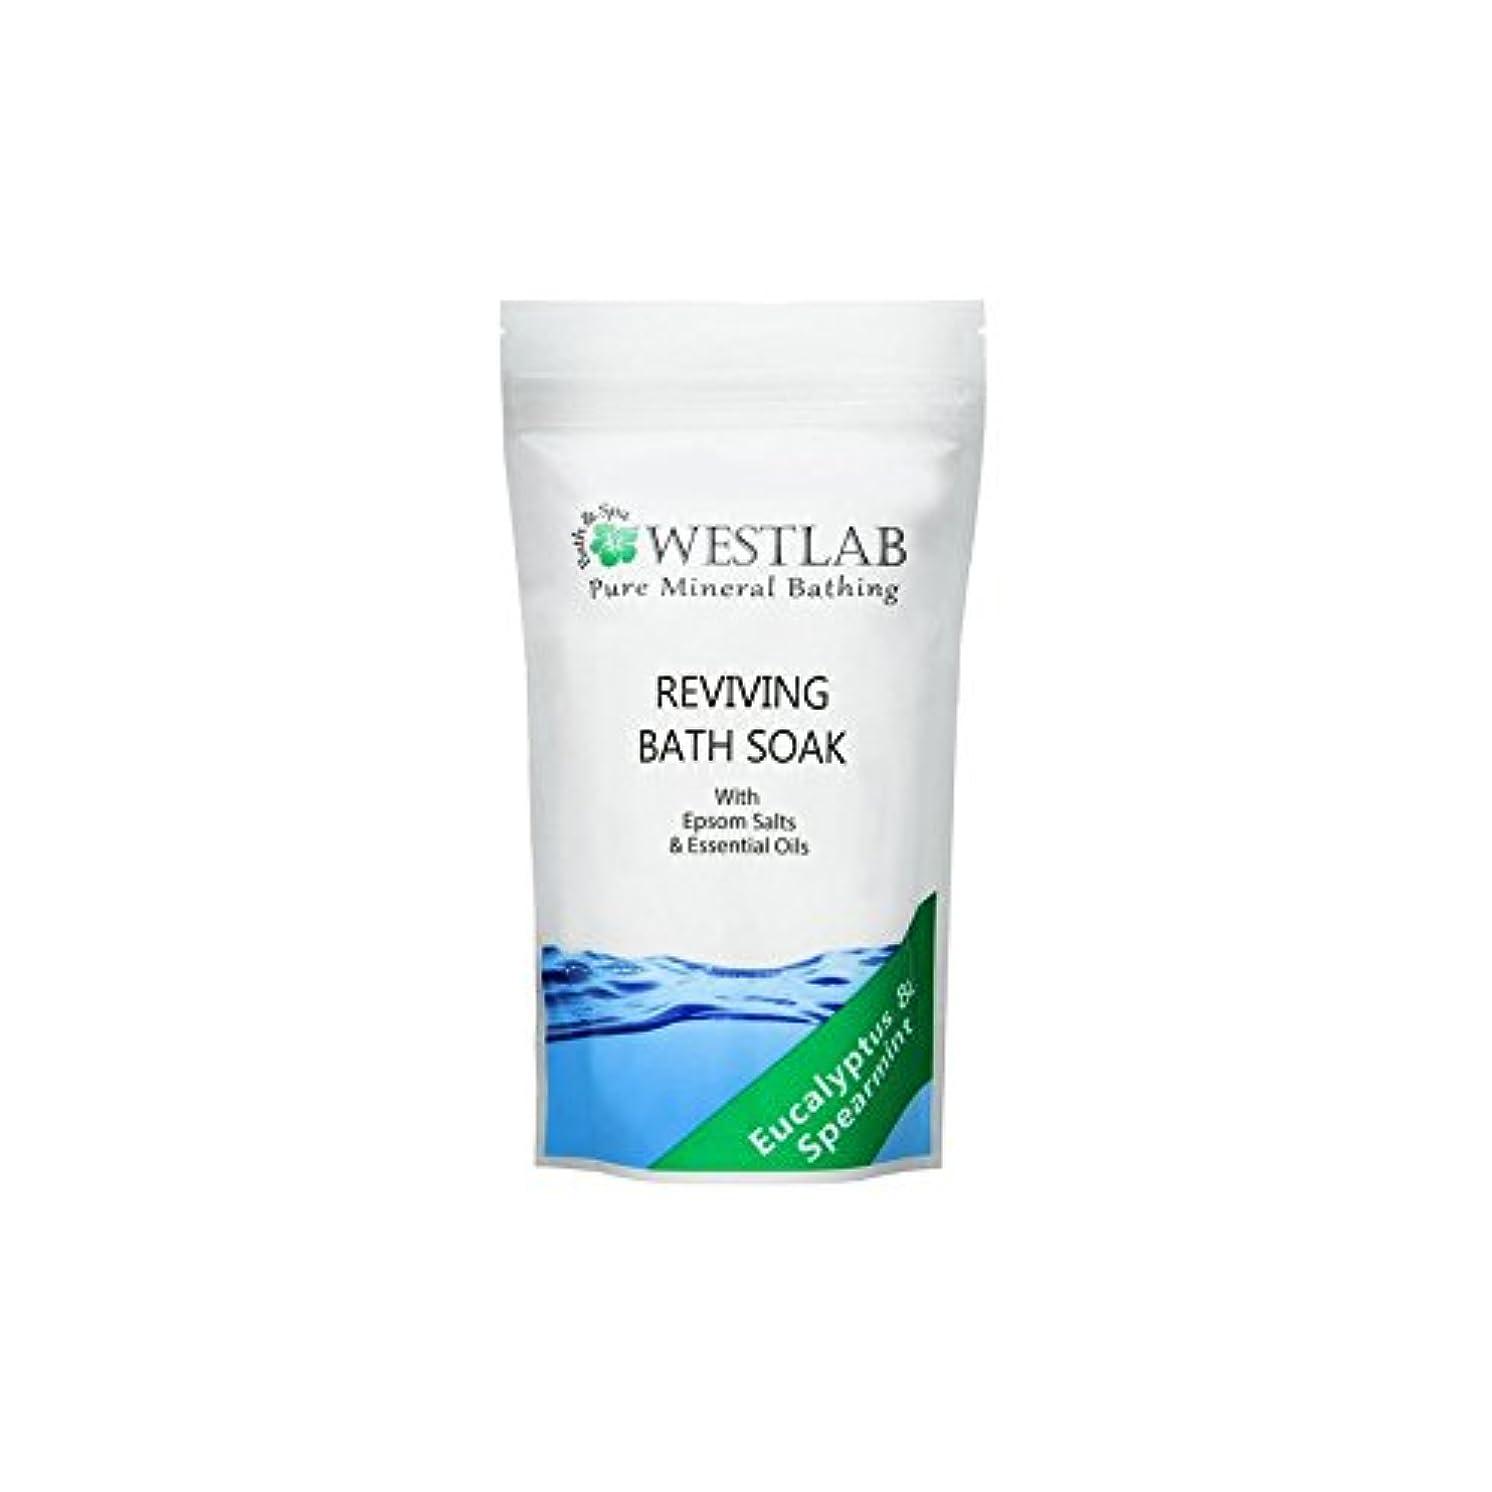 ギターきらめき同意(500グラム)をソークエプソム塩浴を復活させます x2 - Westlab Revive Epsom Salt Bath Soak (500g) (Pack of 2) [並行輸入品]